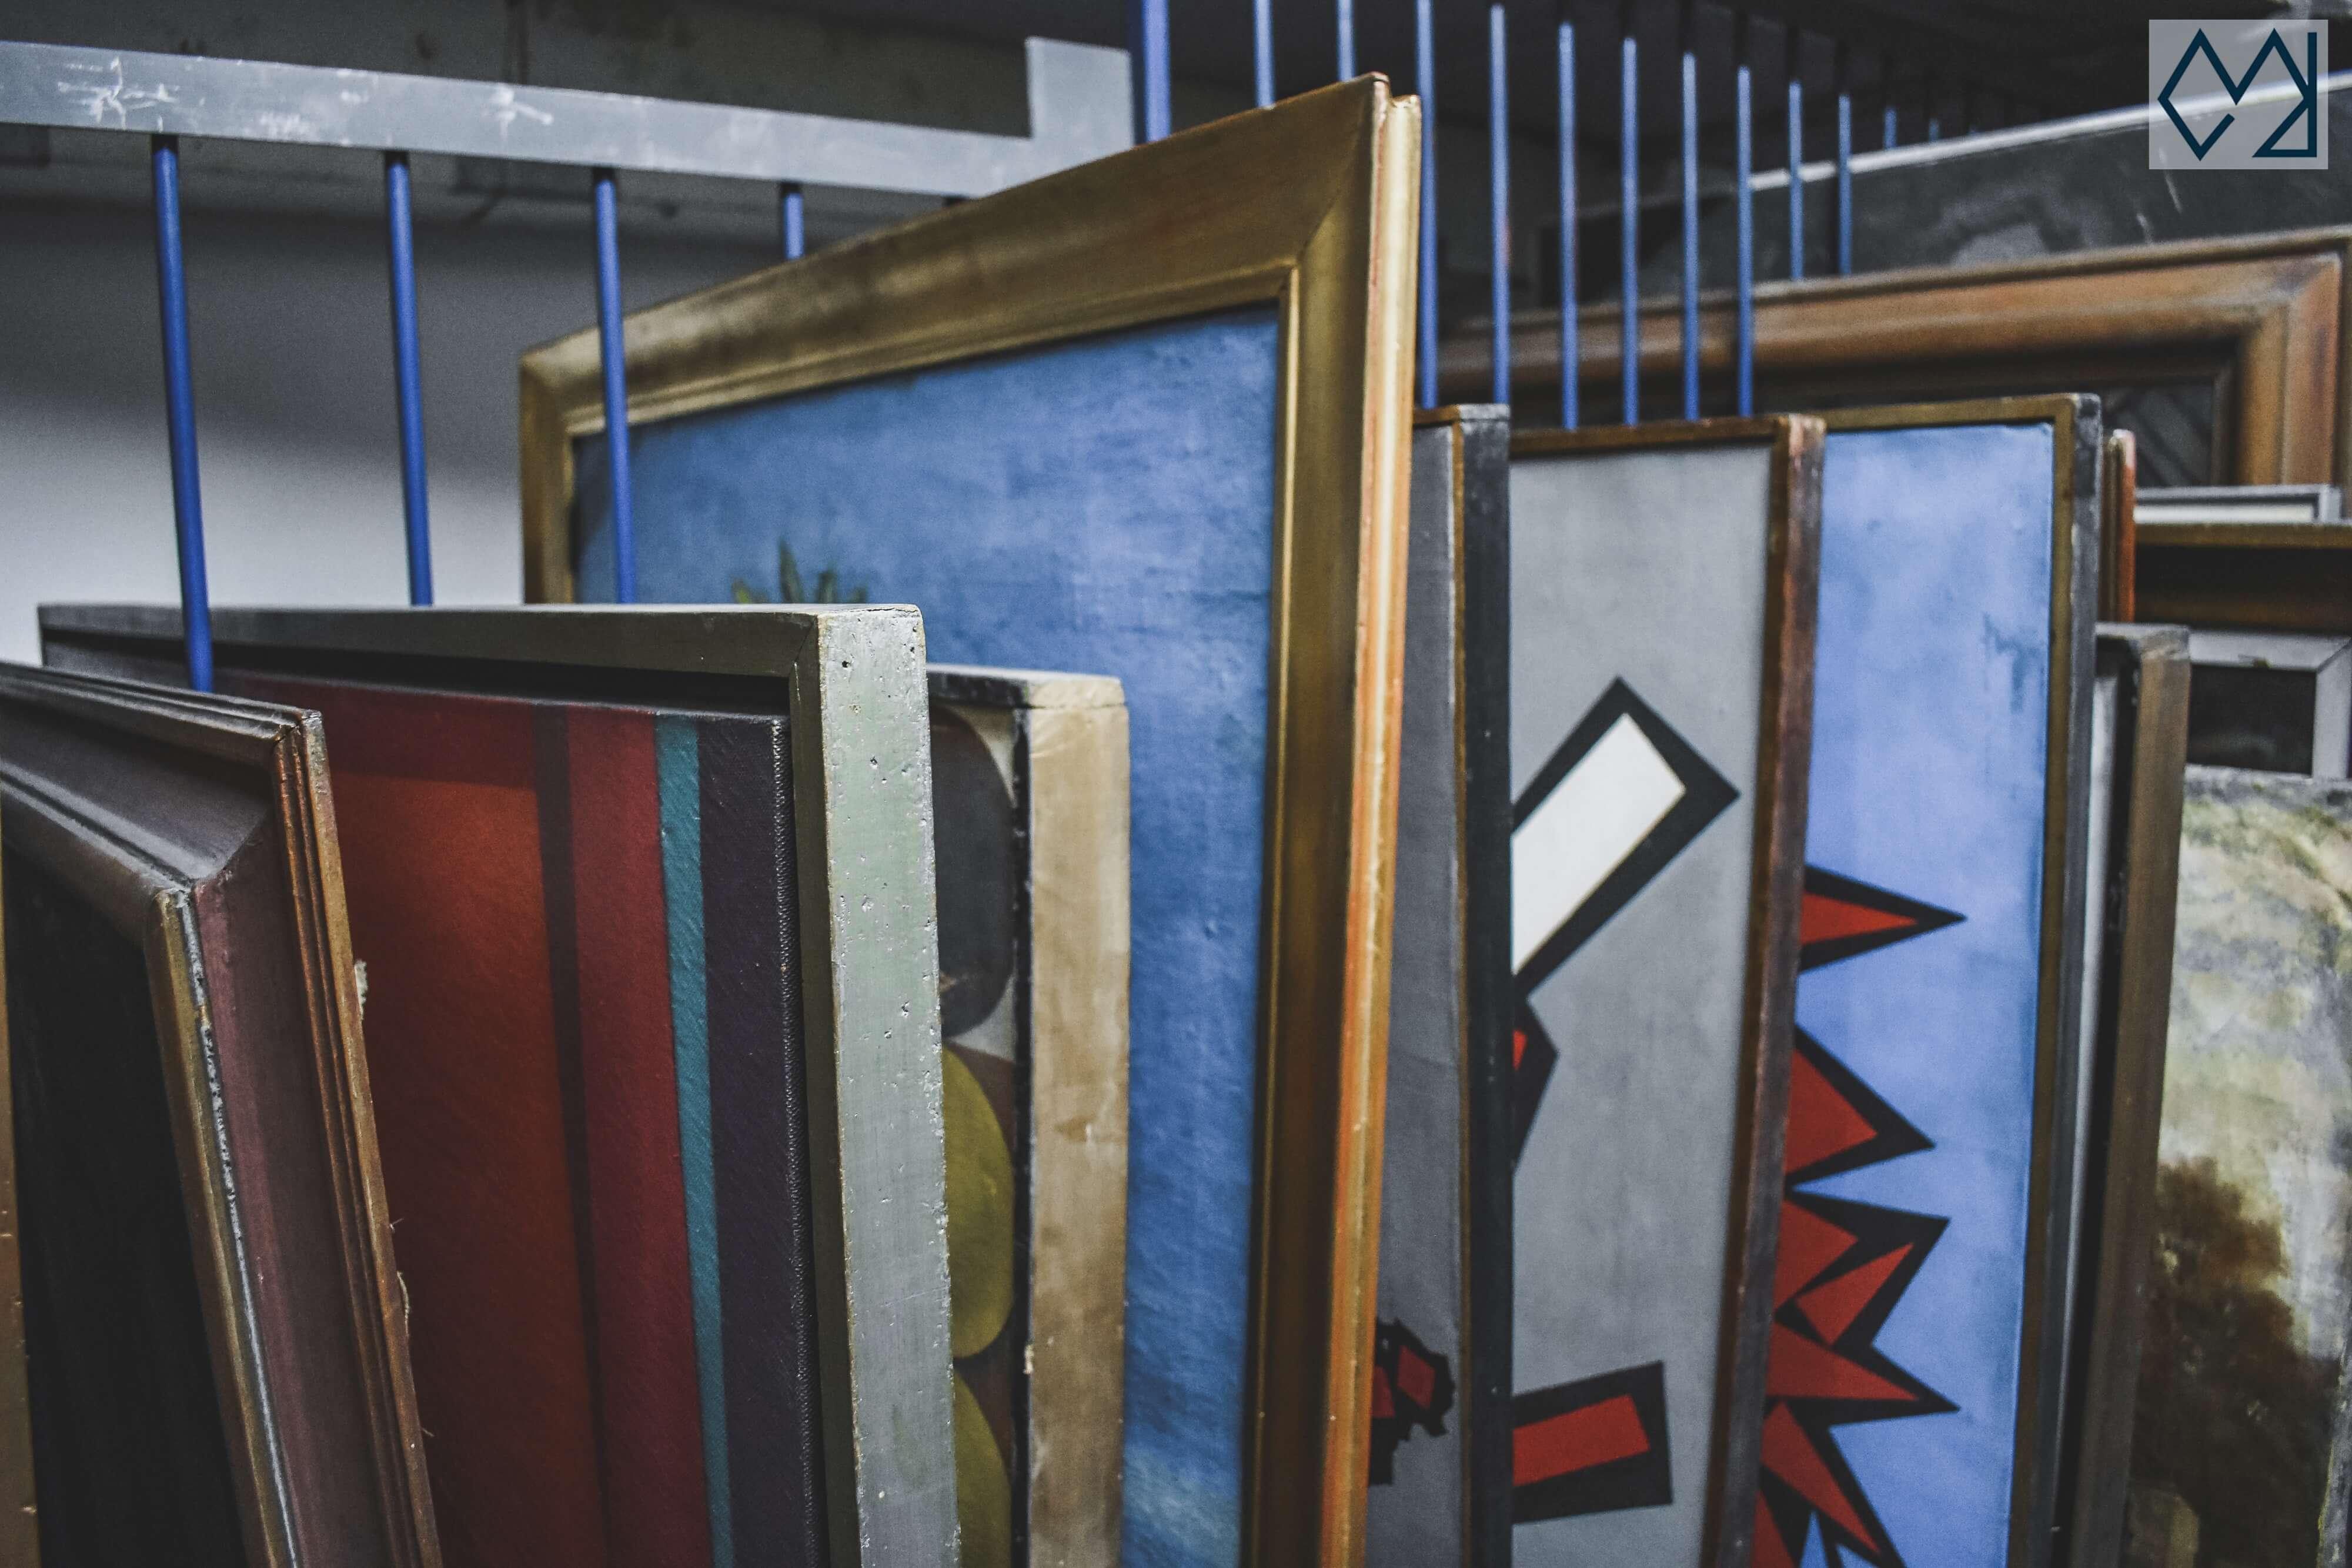 Cuadros en el sótano del museo Blanes